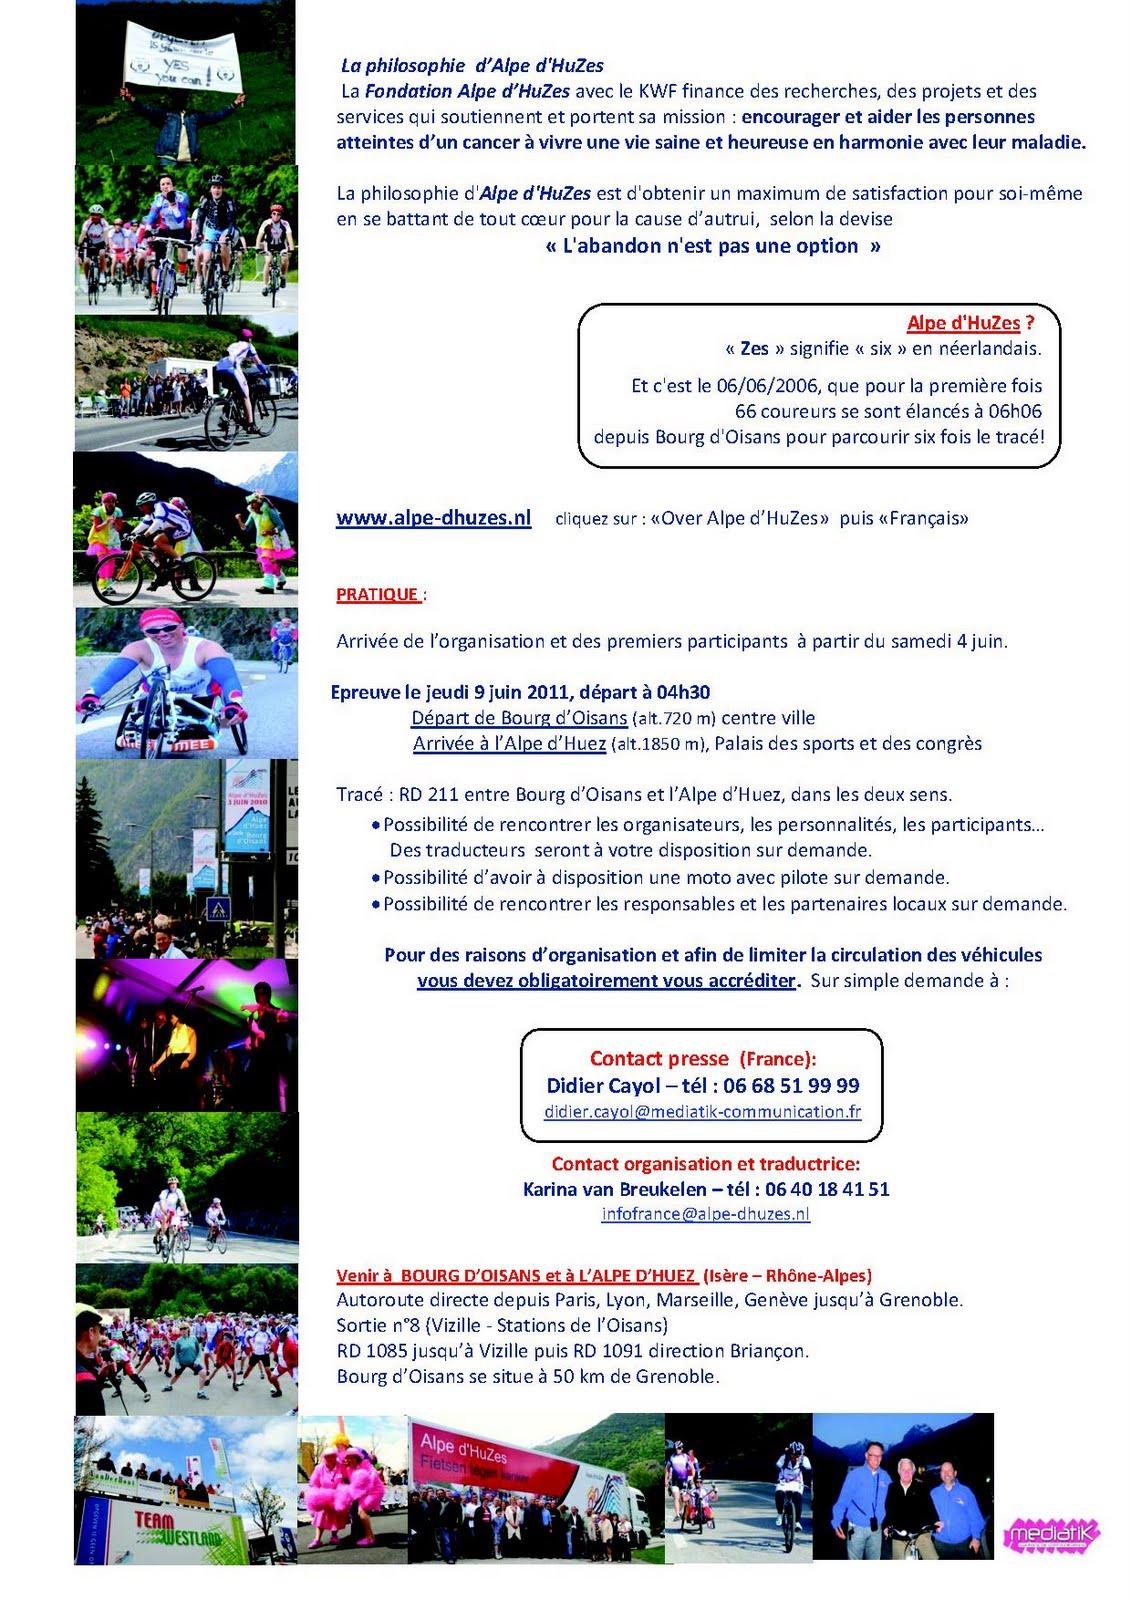 News de l 39 office de tourisme bourg d 39 oisans news de l 39 alpe d 39 huzes - Bourg d oisans office tourisme ...